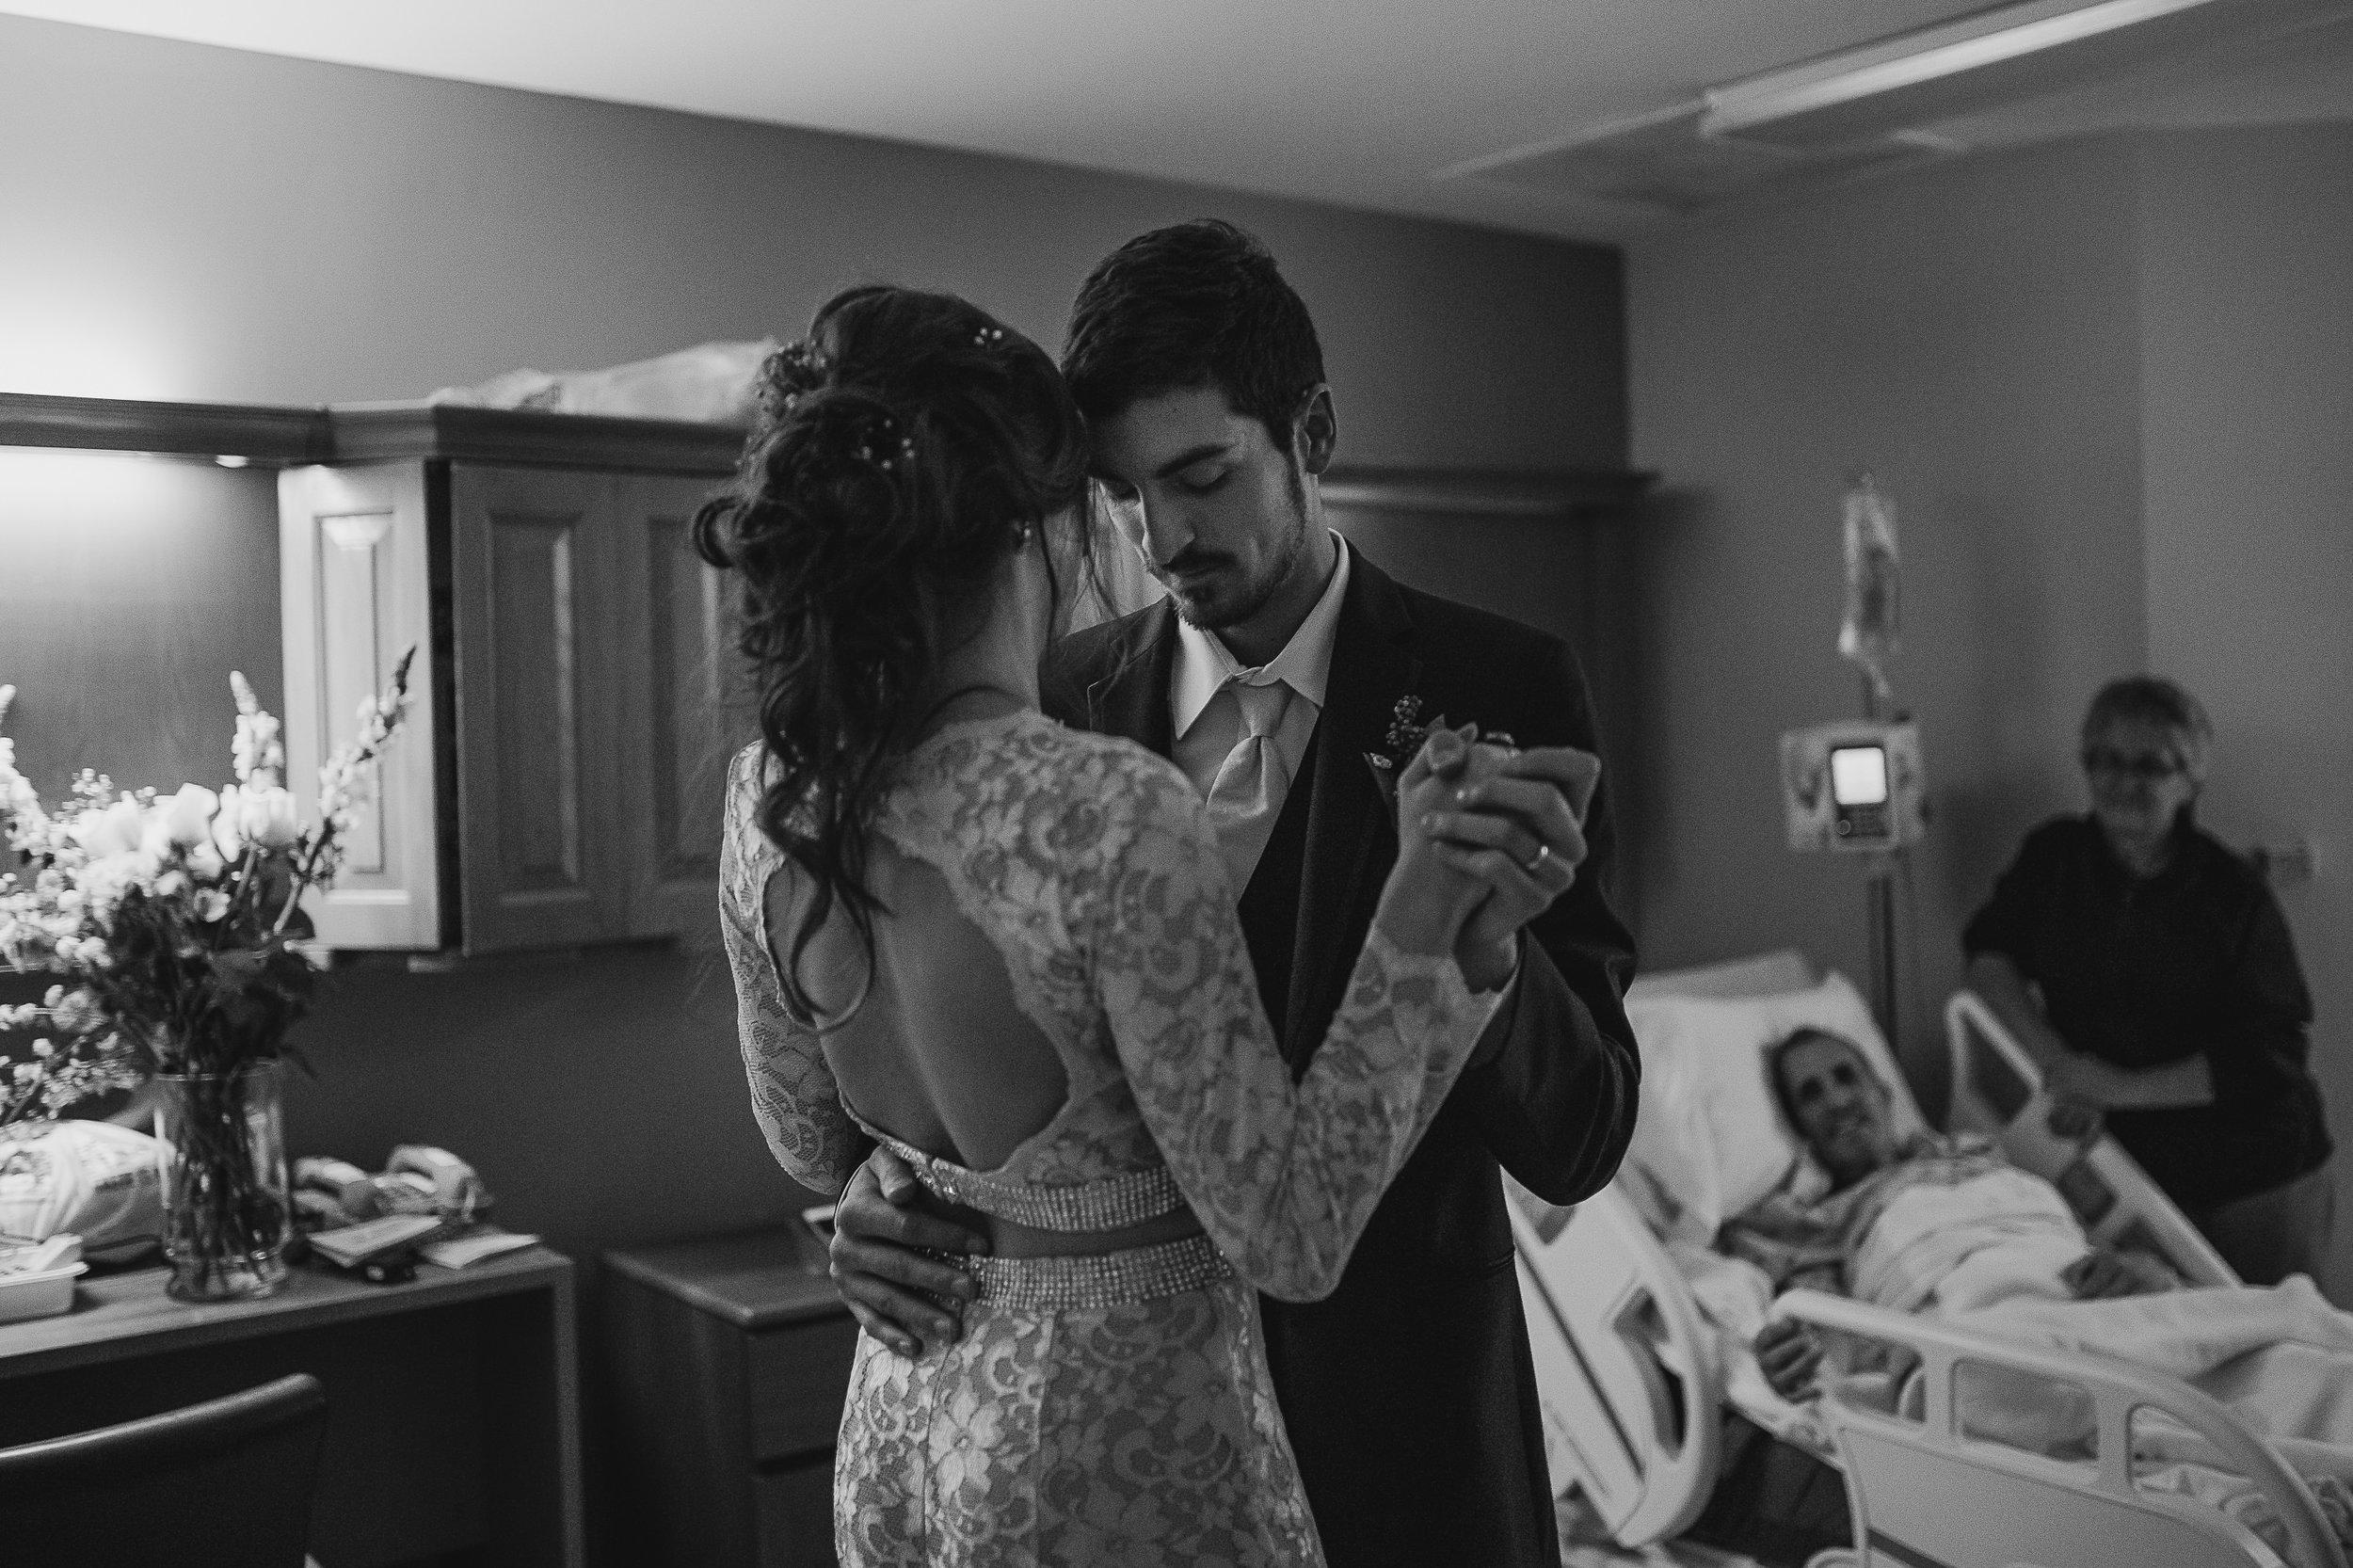 memphis-wedding-photographer-cassie-cook-photography-loya-first-dance-12.jpg